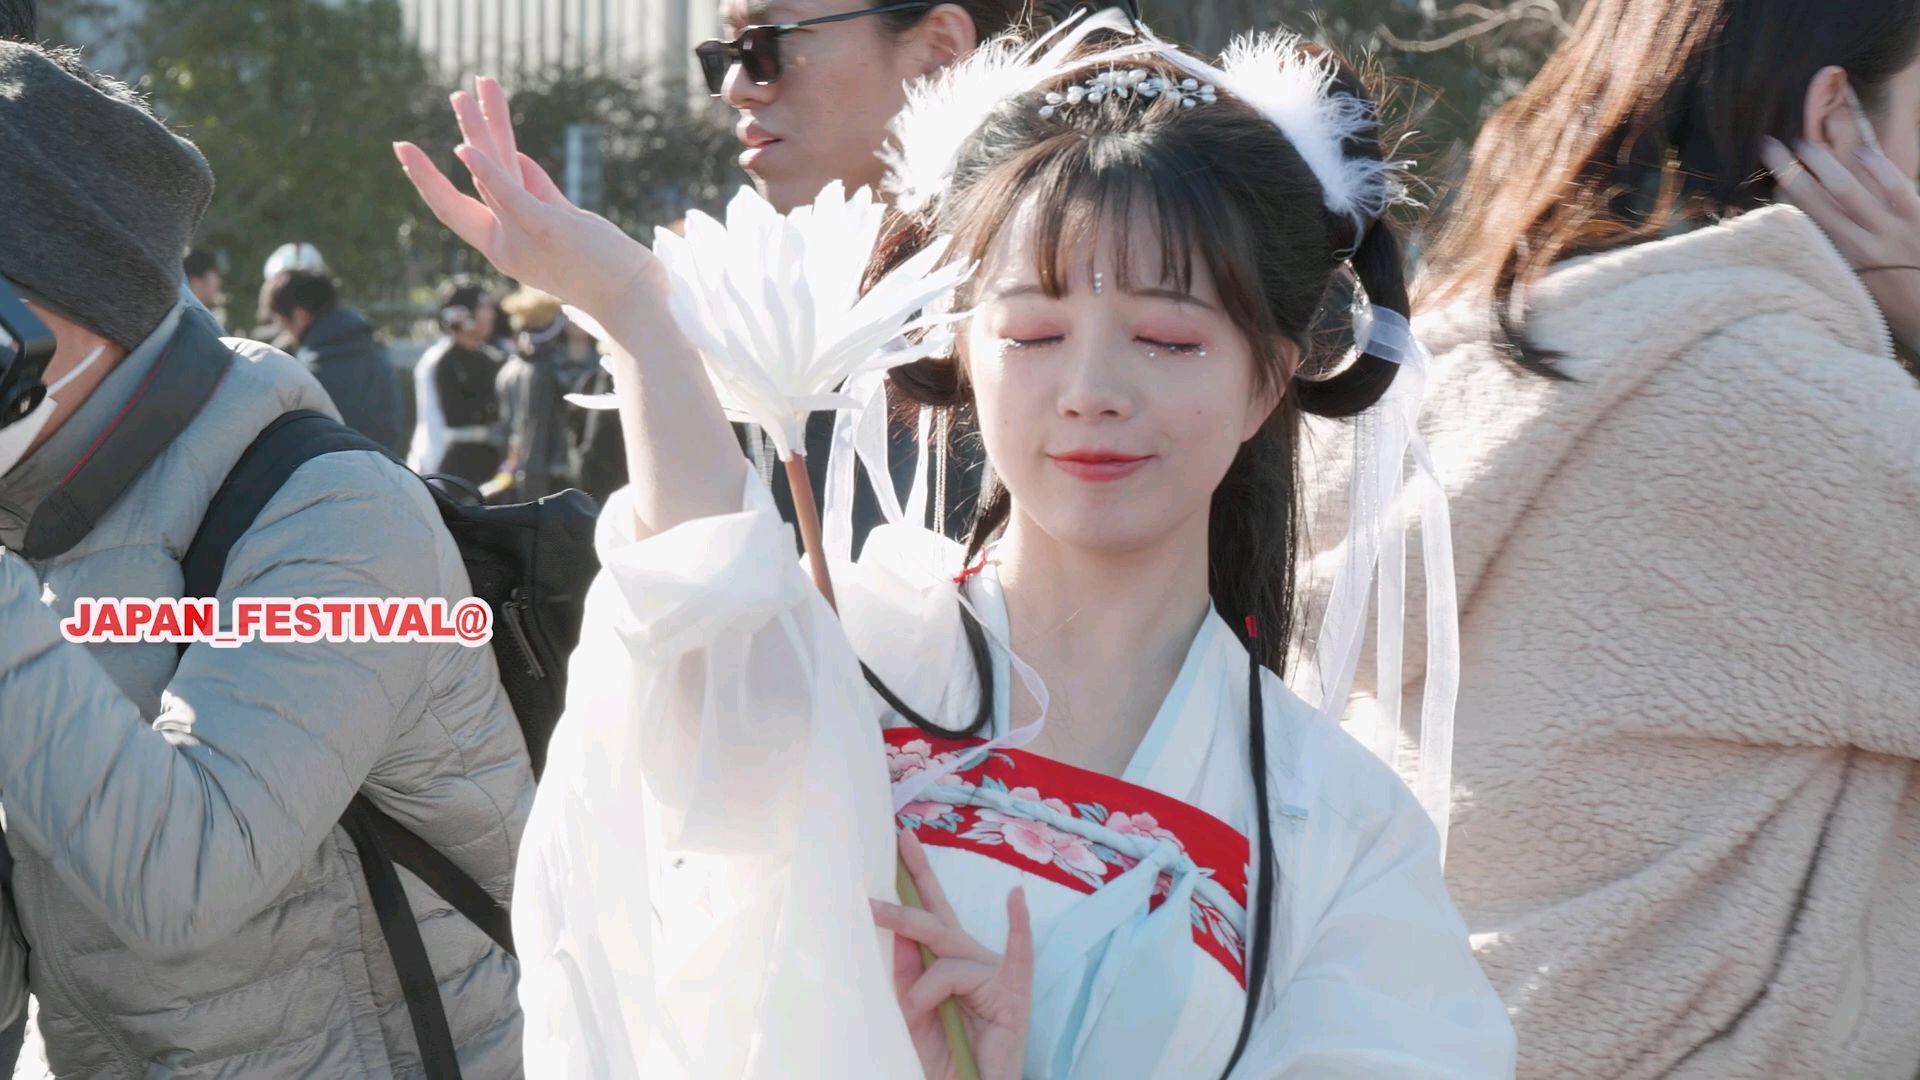 日本 C97 动漫同人展中的【Amiro王奕萌 ♛ 神楽坂真冬】